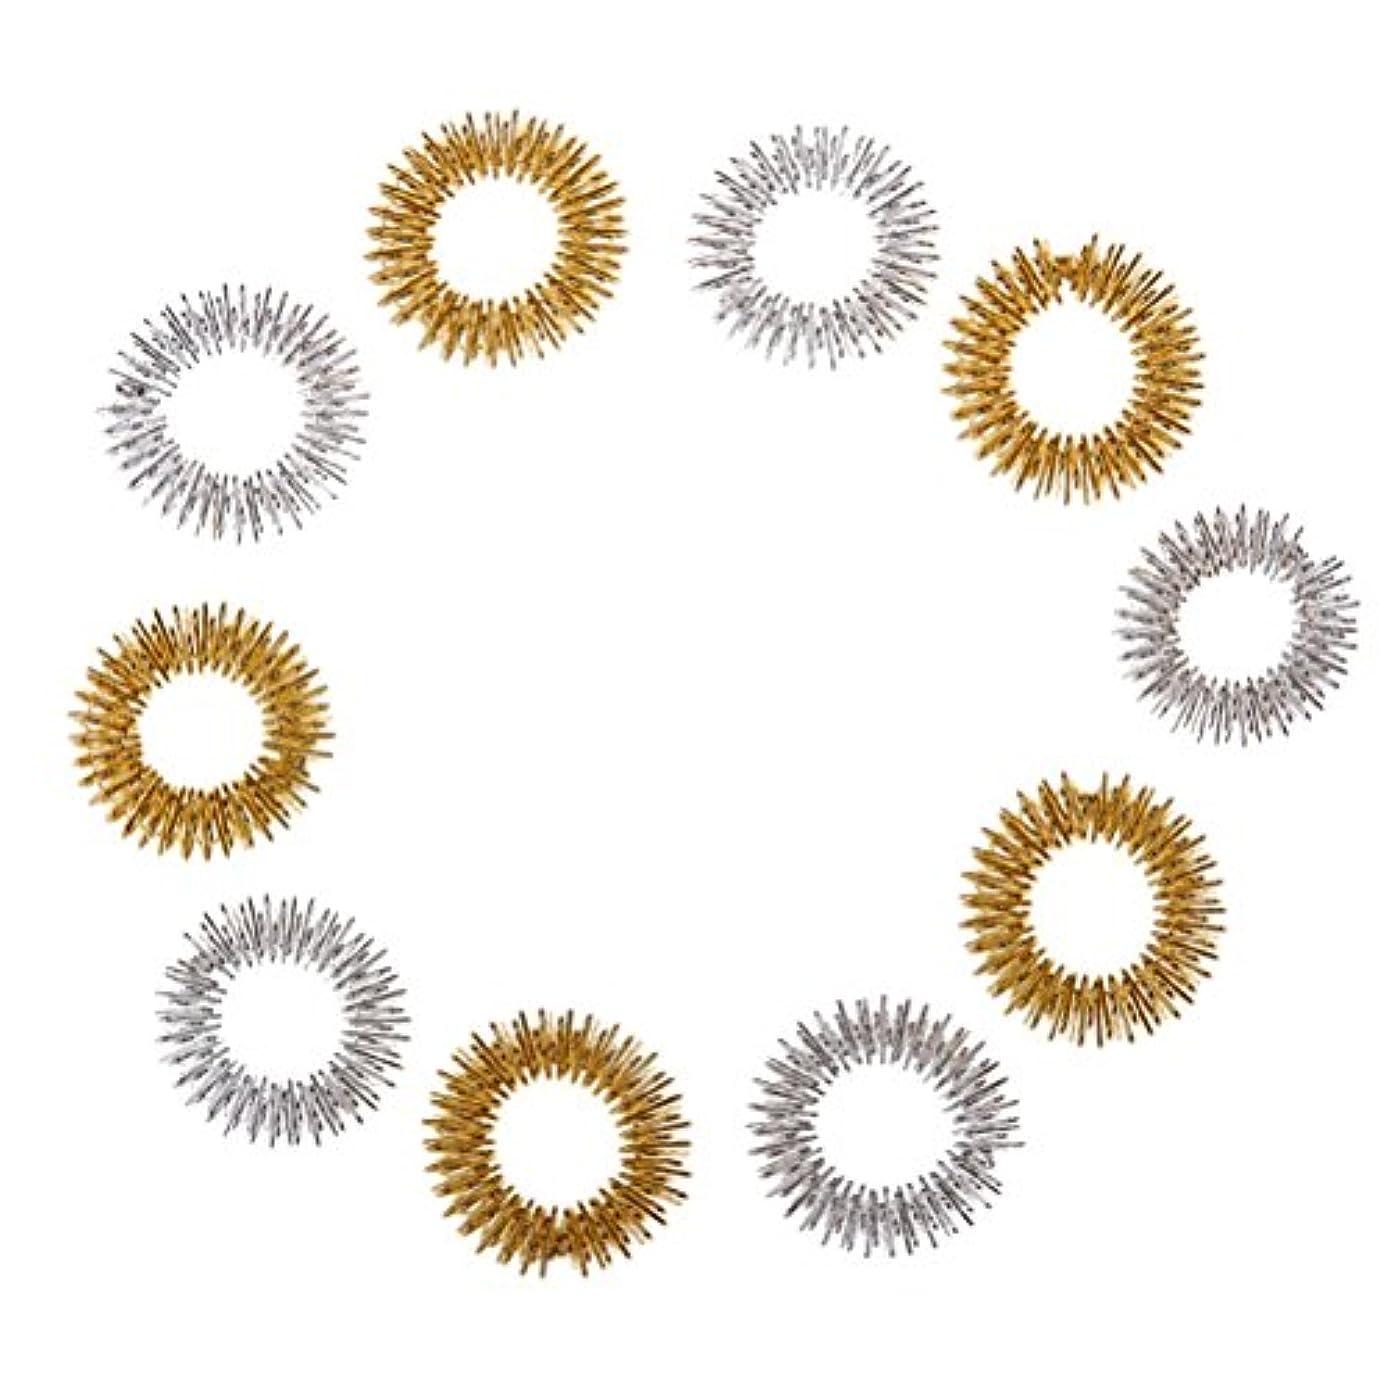 テレックス上流のシダSUPVOX 10ピース指圧マッサージ指輪循環リング子供のための十代の若者たち大人ランダム色